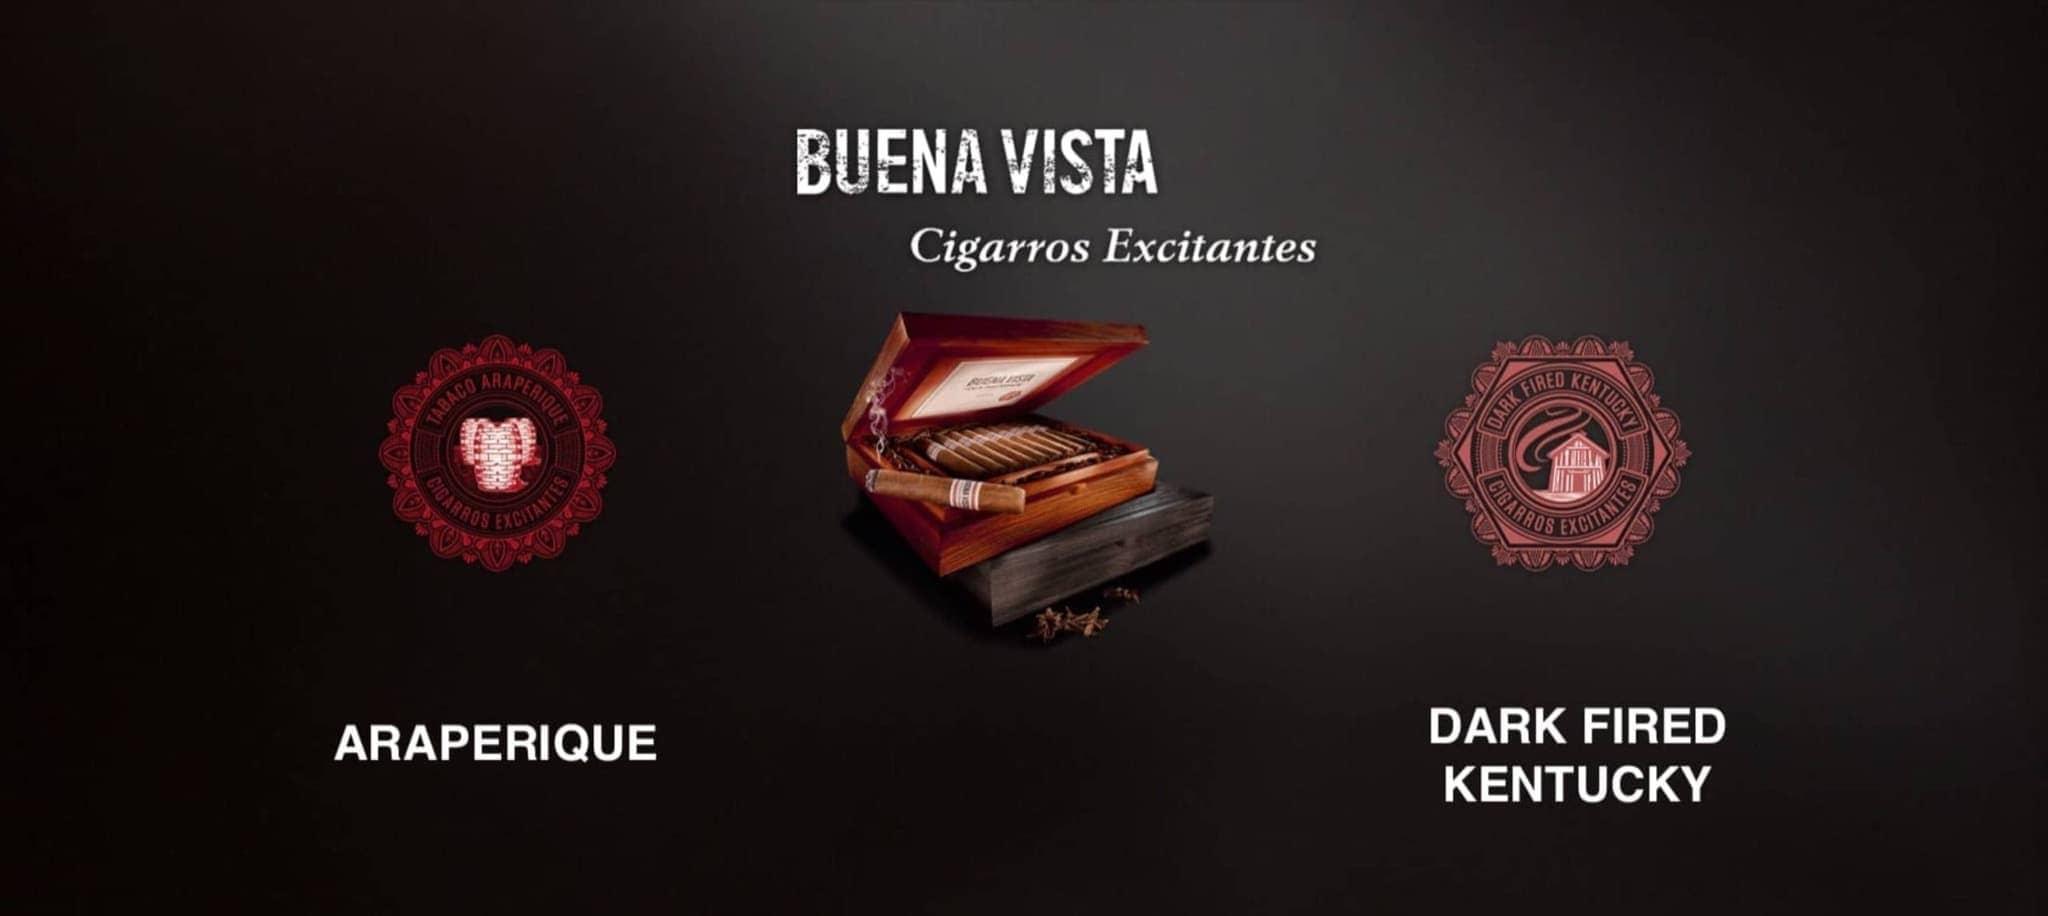 Buena Vista - Der besondere Longfiller 4